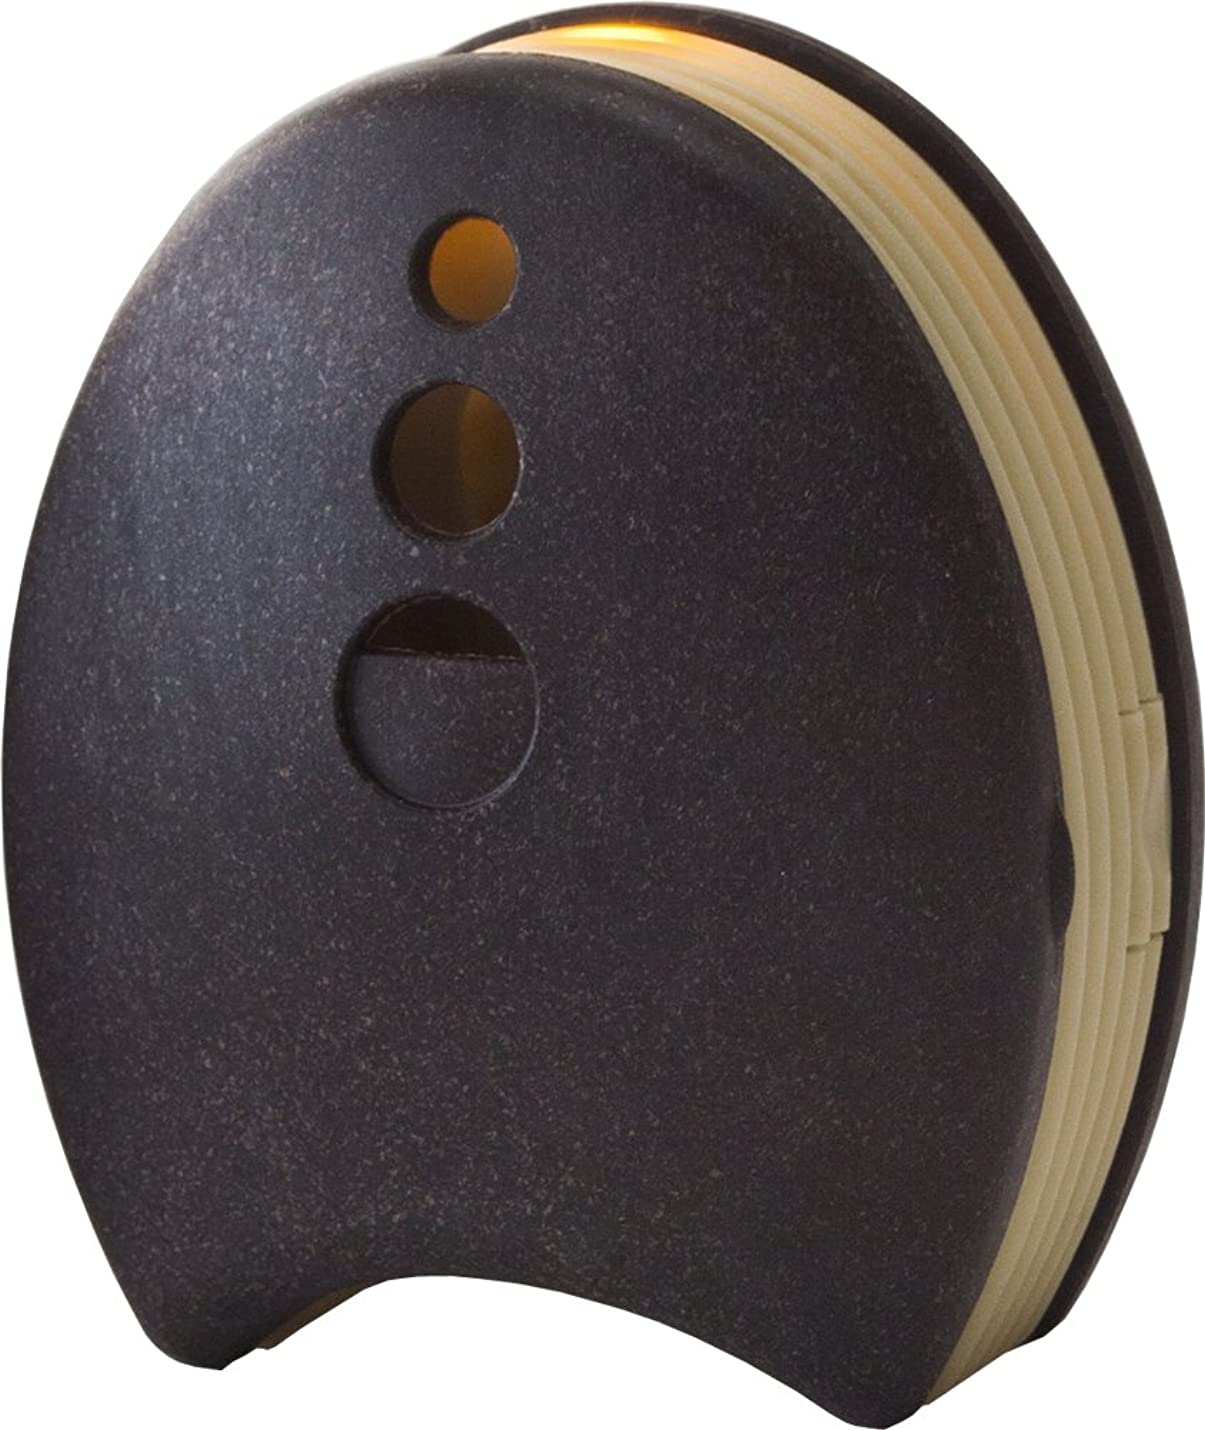 考案するラベンダー帝国主義ウッドブリーズ Ecomini (エコミニ) T 木質ブラック